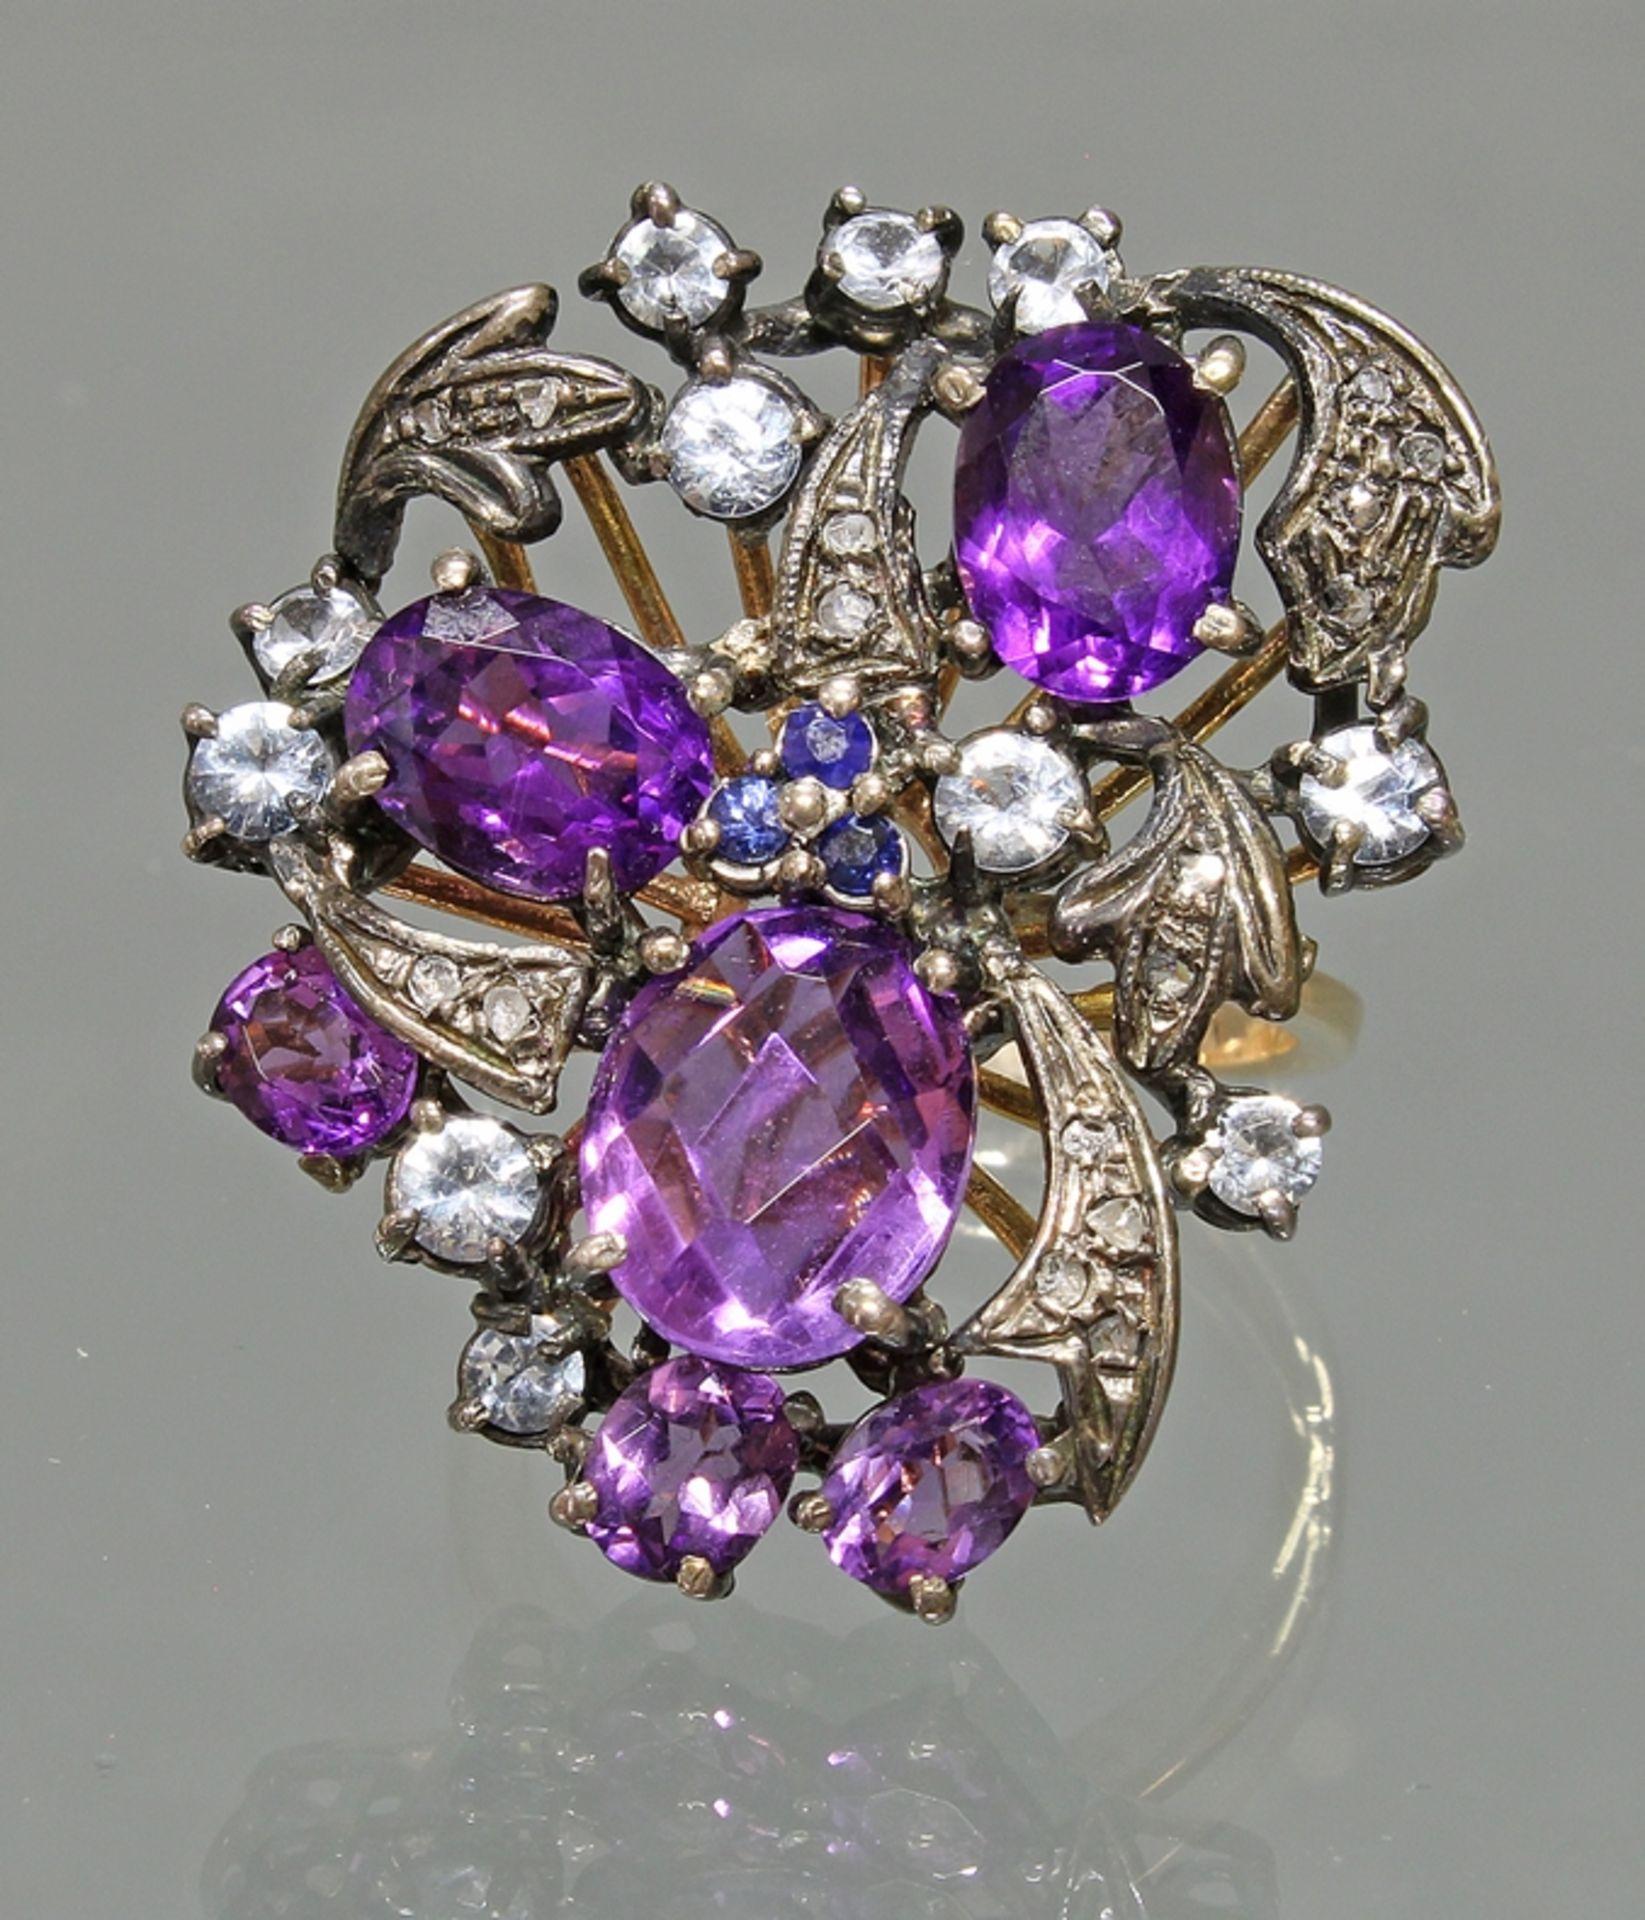 Ring, 'Blütenform, GG 585, weiß belötet, Amethyste, Saphire, Aquamarine, Diamanten, 10 g, RM 17